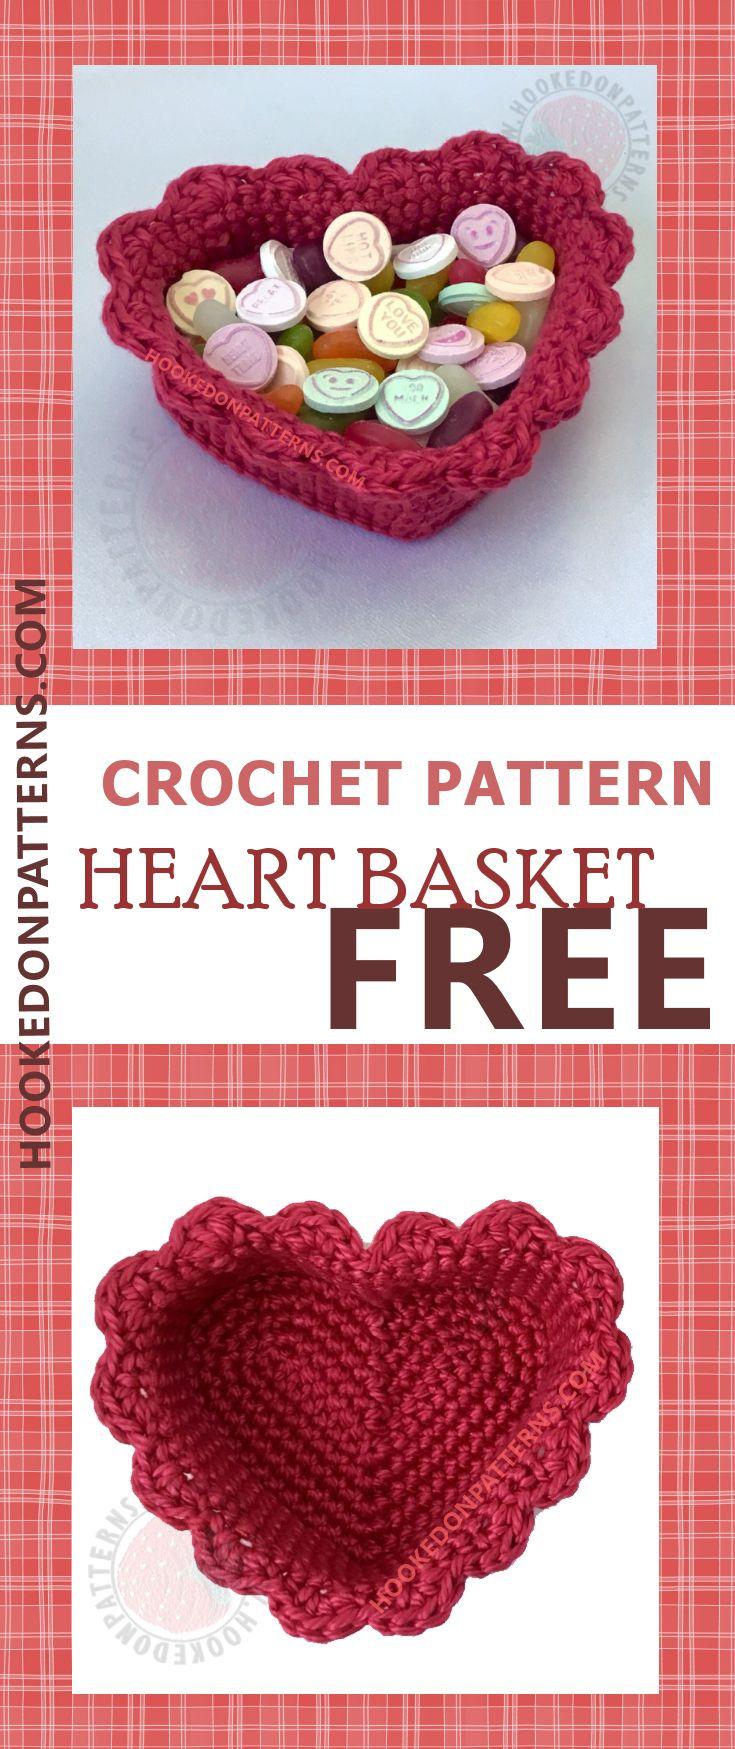 Free Crochet Heart Basket Pattern   Tejido, Ganchillo y Arreglos de ...